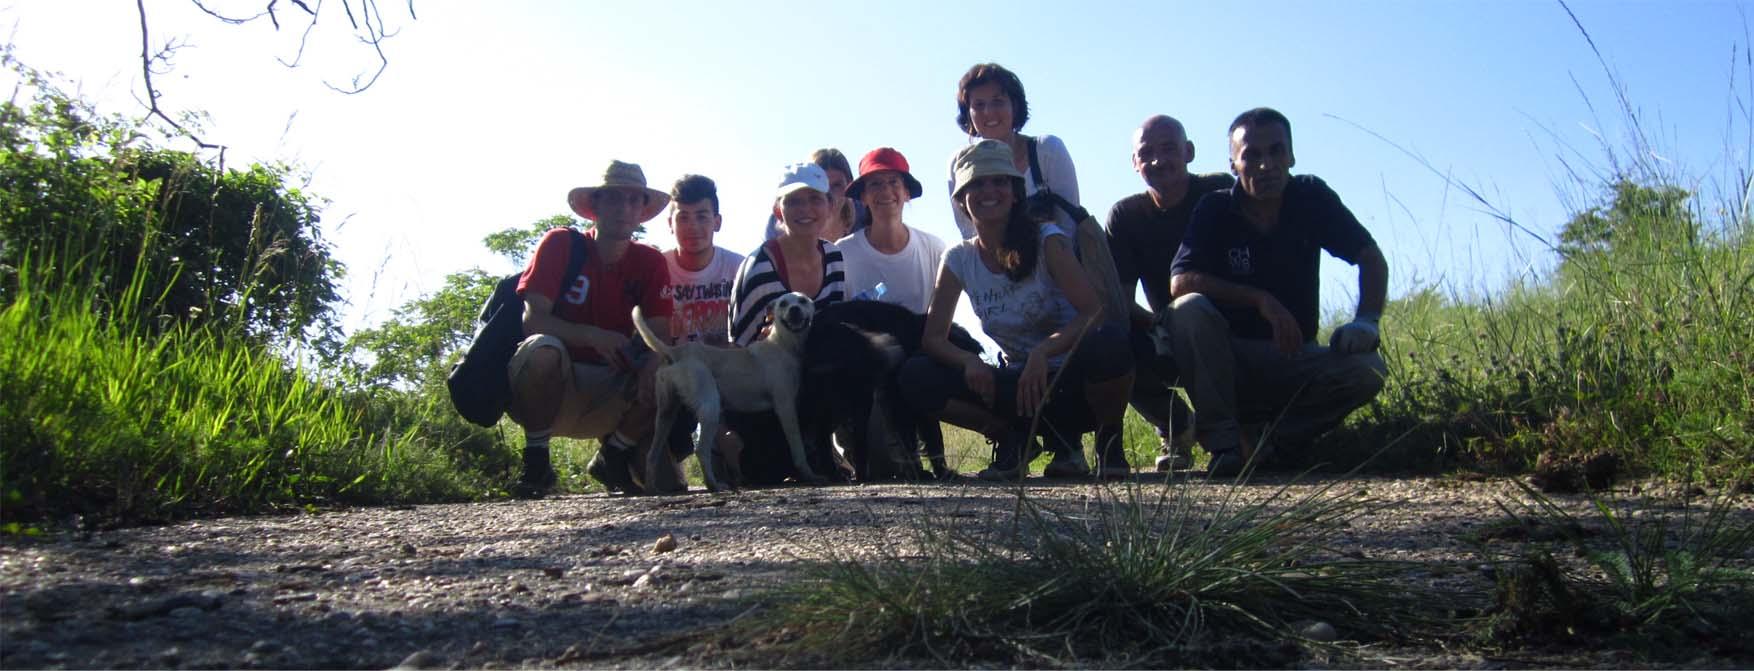 08 Rogljevo sjajna blatnjava ekipa